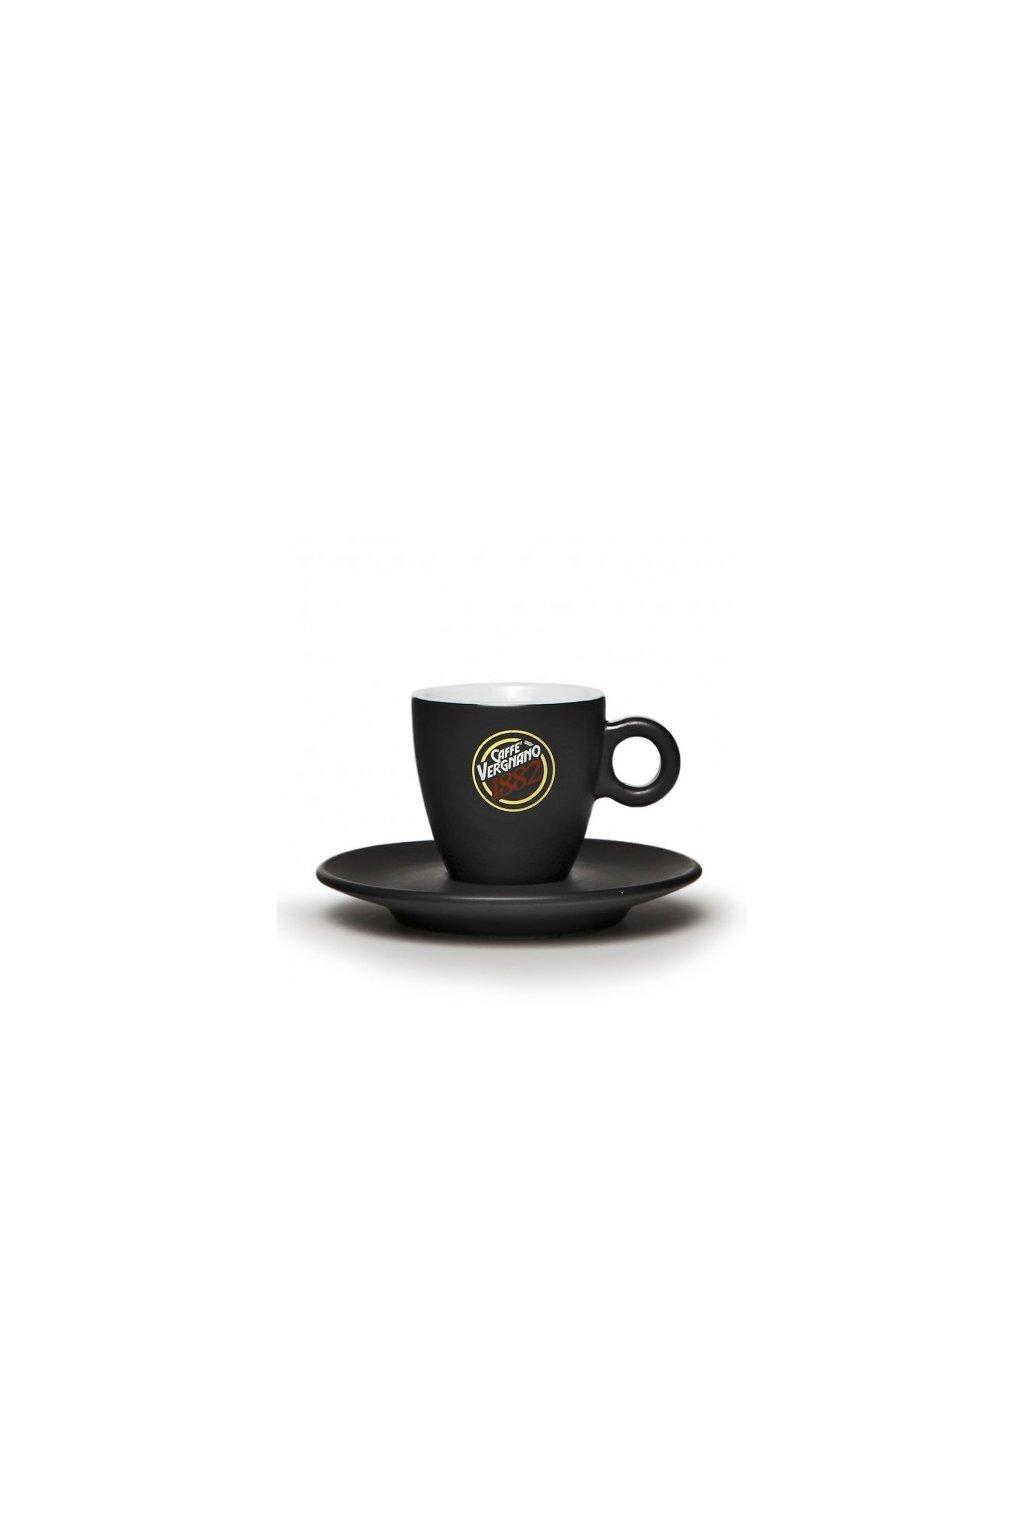 tazzina caffe nera 1